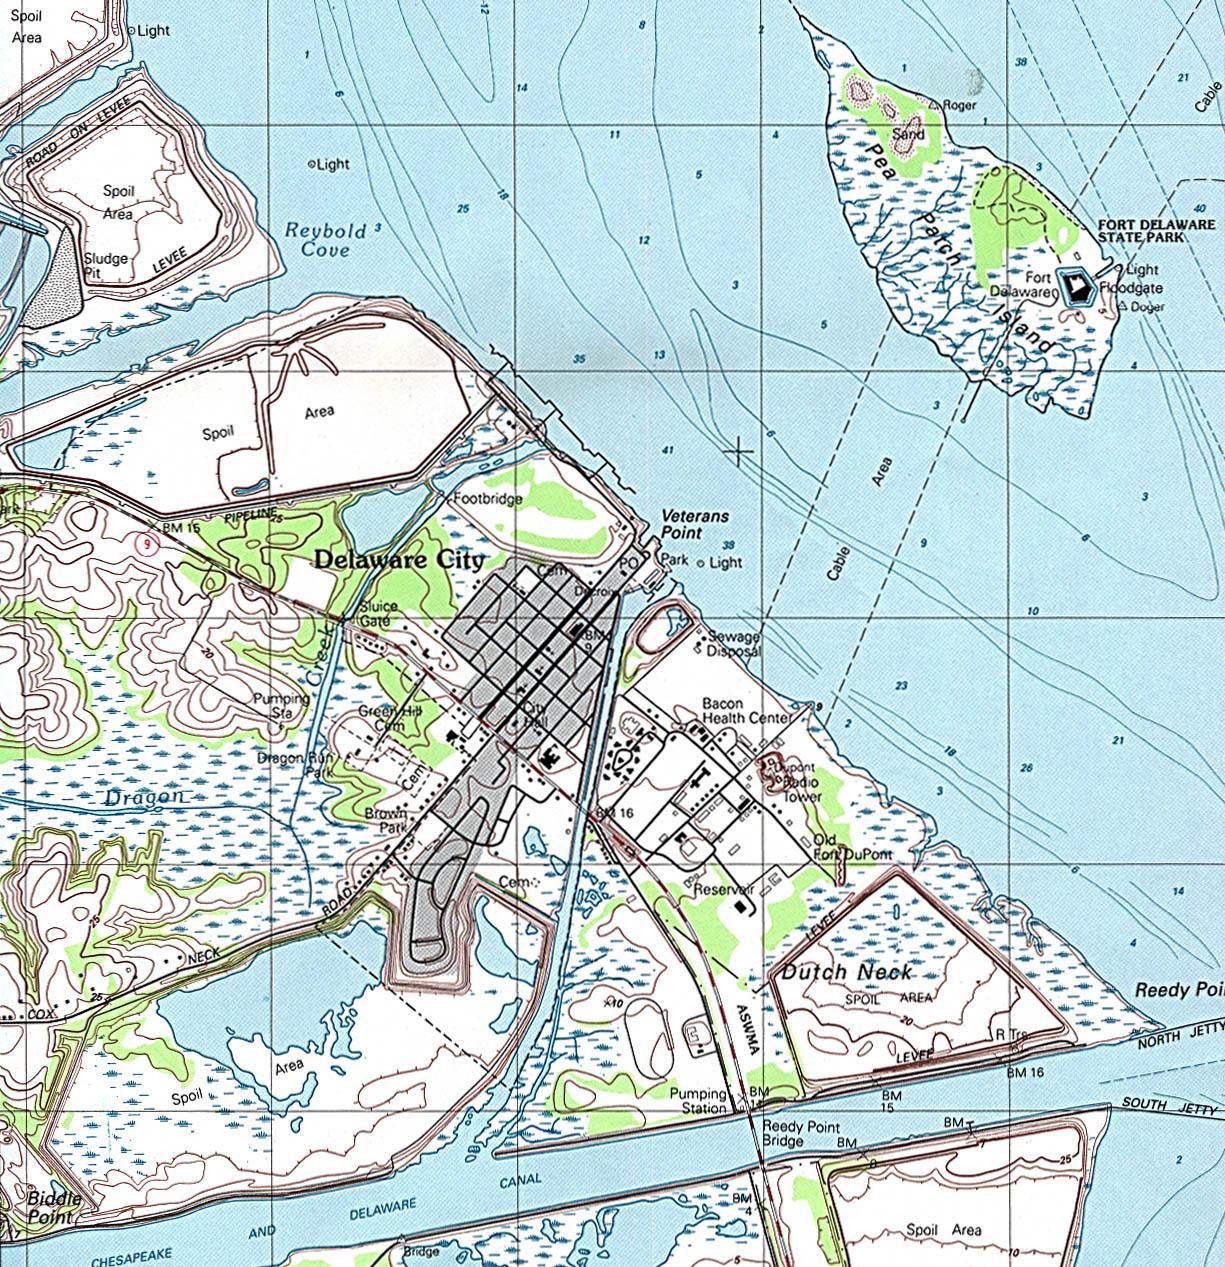 Map Topográfico de la Ciudad de Delaware City, Delaware, Estados Unidos